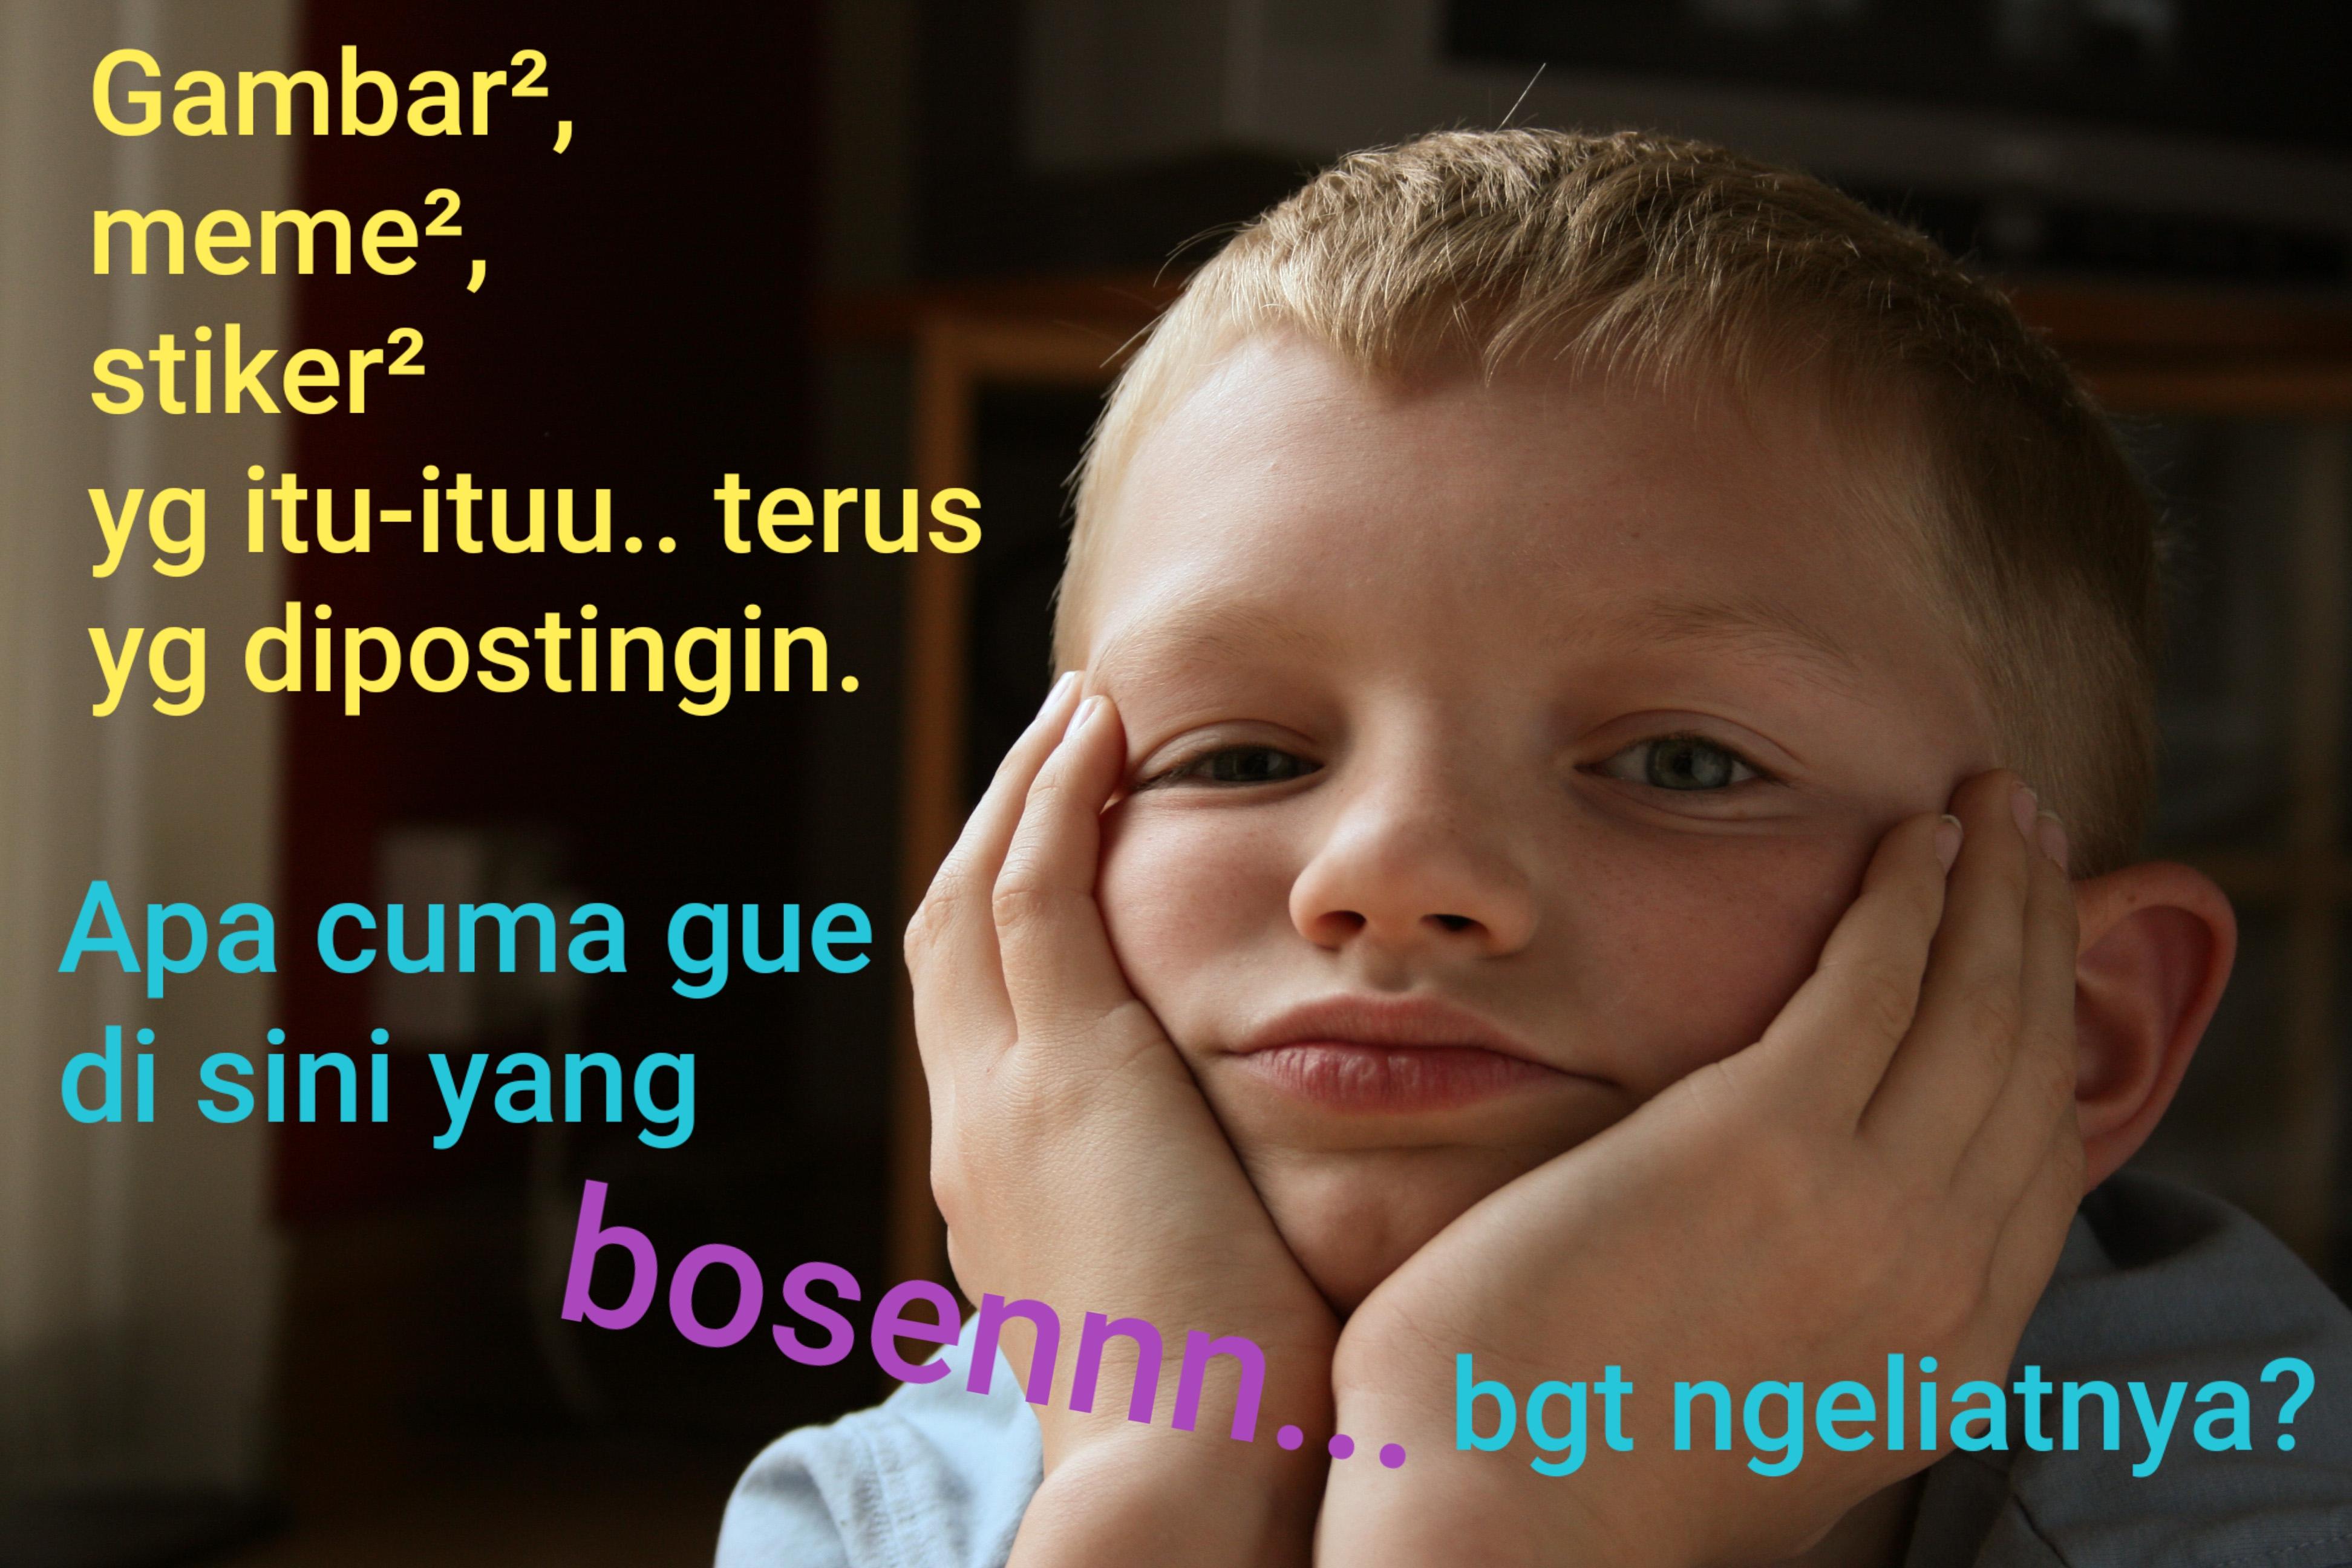 i.ibb.co/n3FjTgv/Meme-bosen-JK.jpg